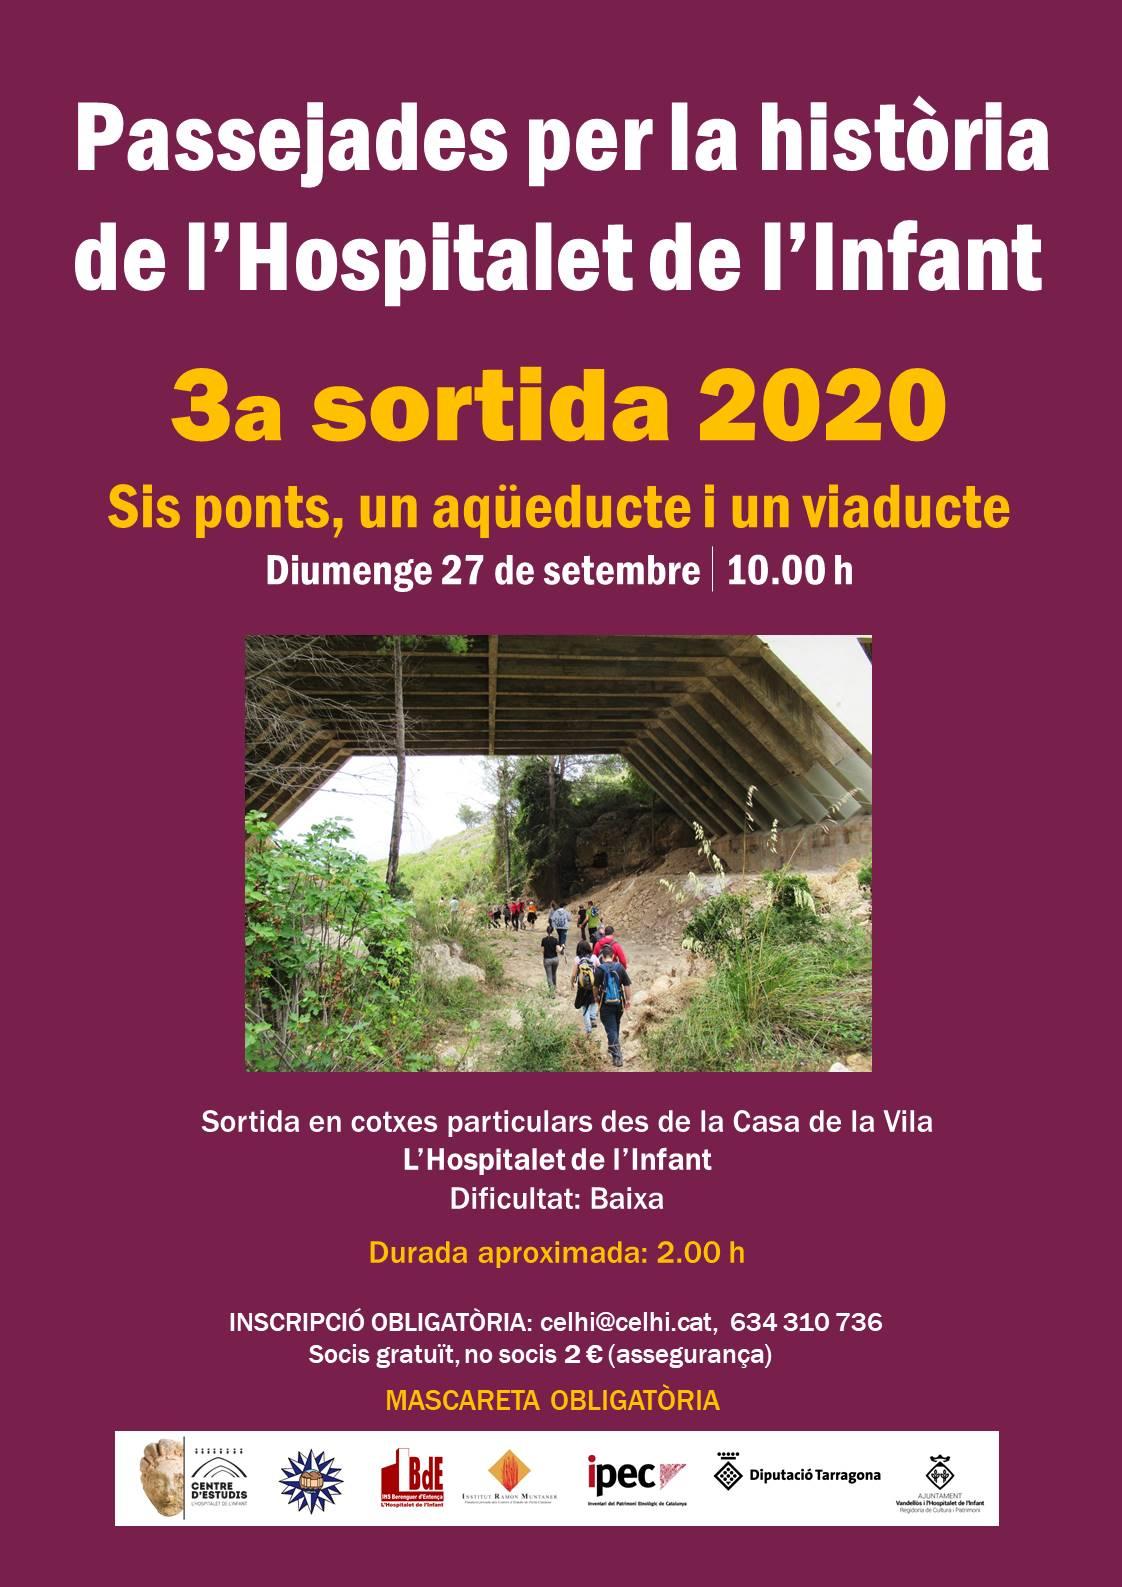 Passejades per la història de l'Hospitalet de l'Infant